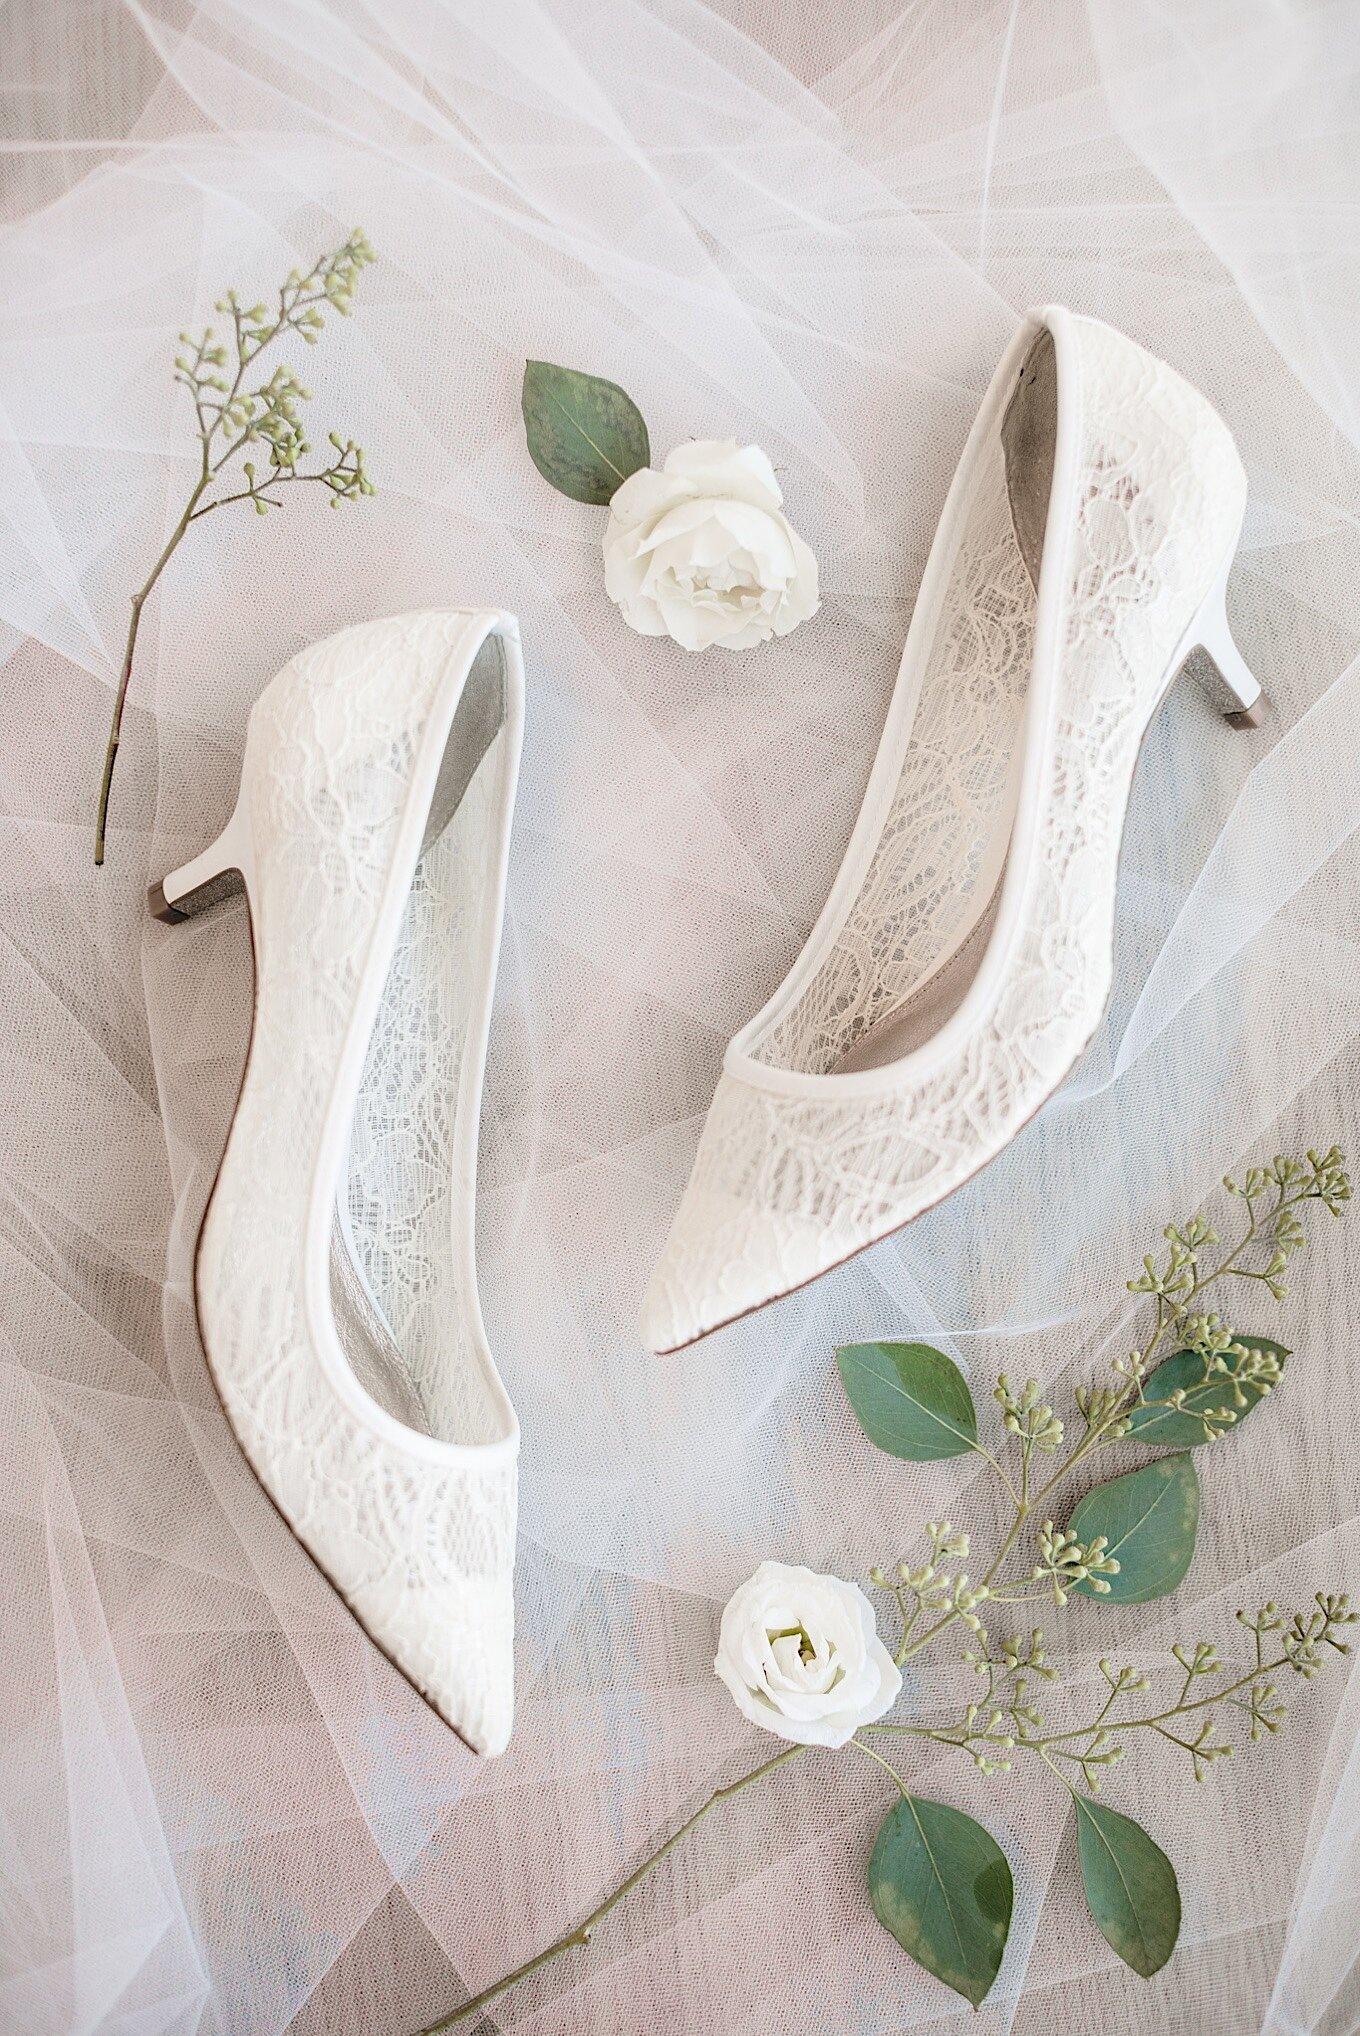 01_schutt-wedding-sneakpeek-1.jpg